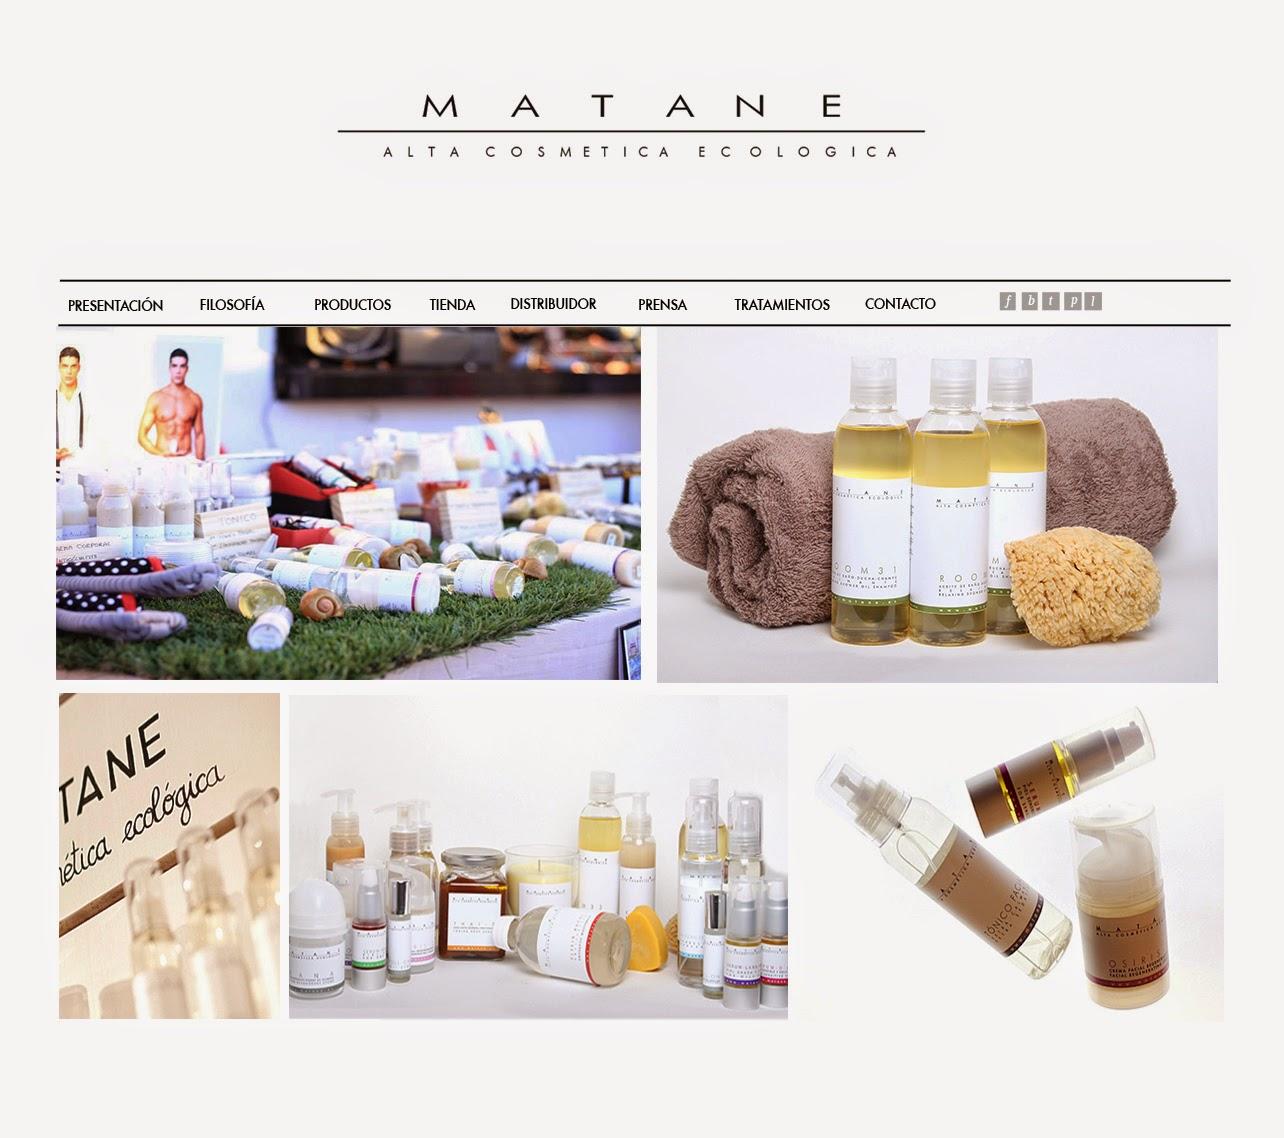 alta cosmética ecológica Matane